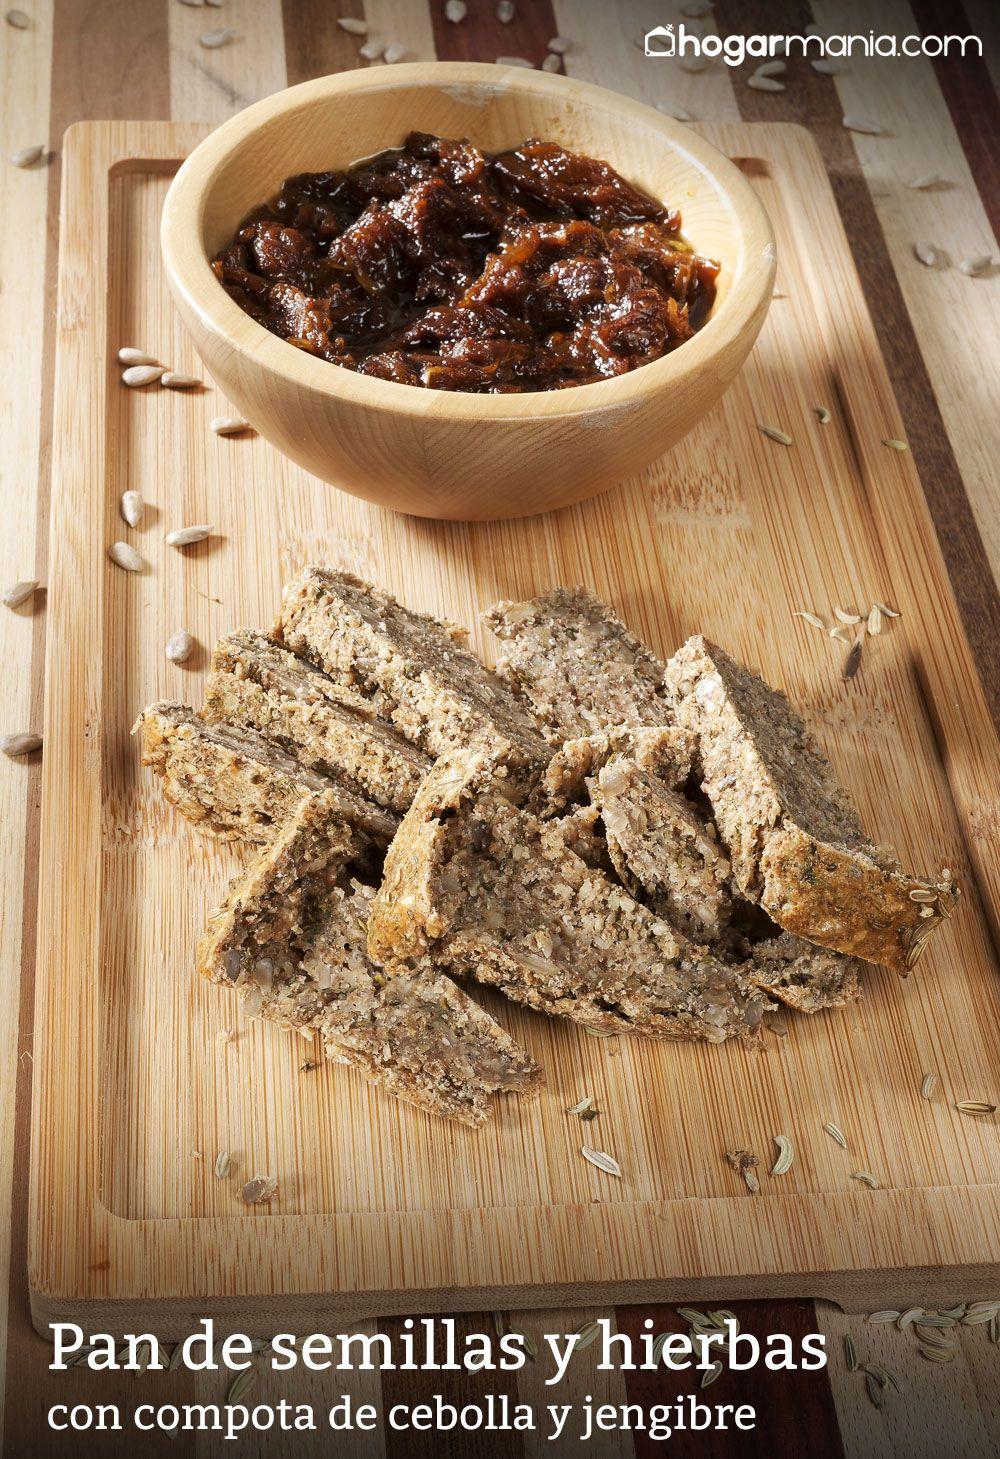 Pan de semillas y hierbas con compota de cebolla y jengibre